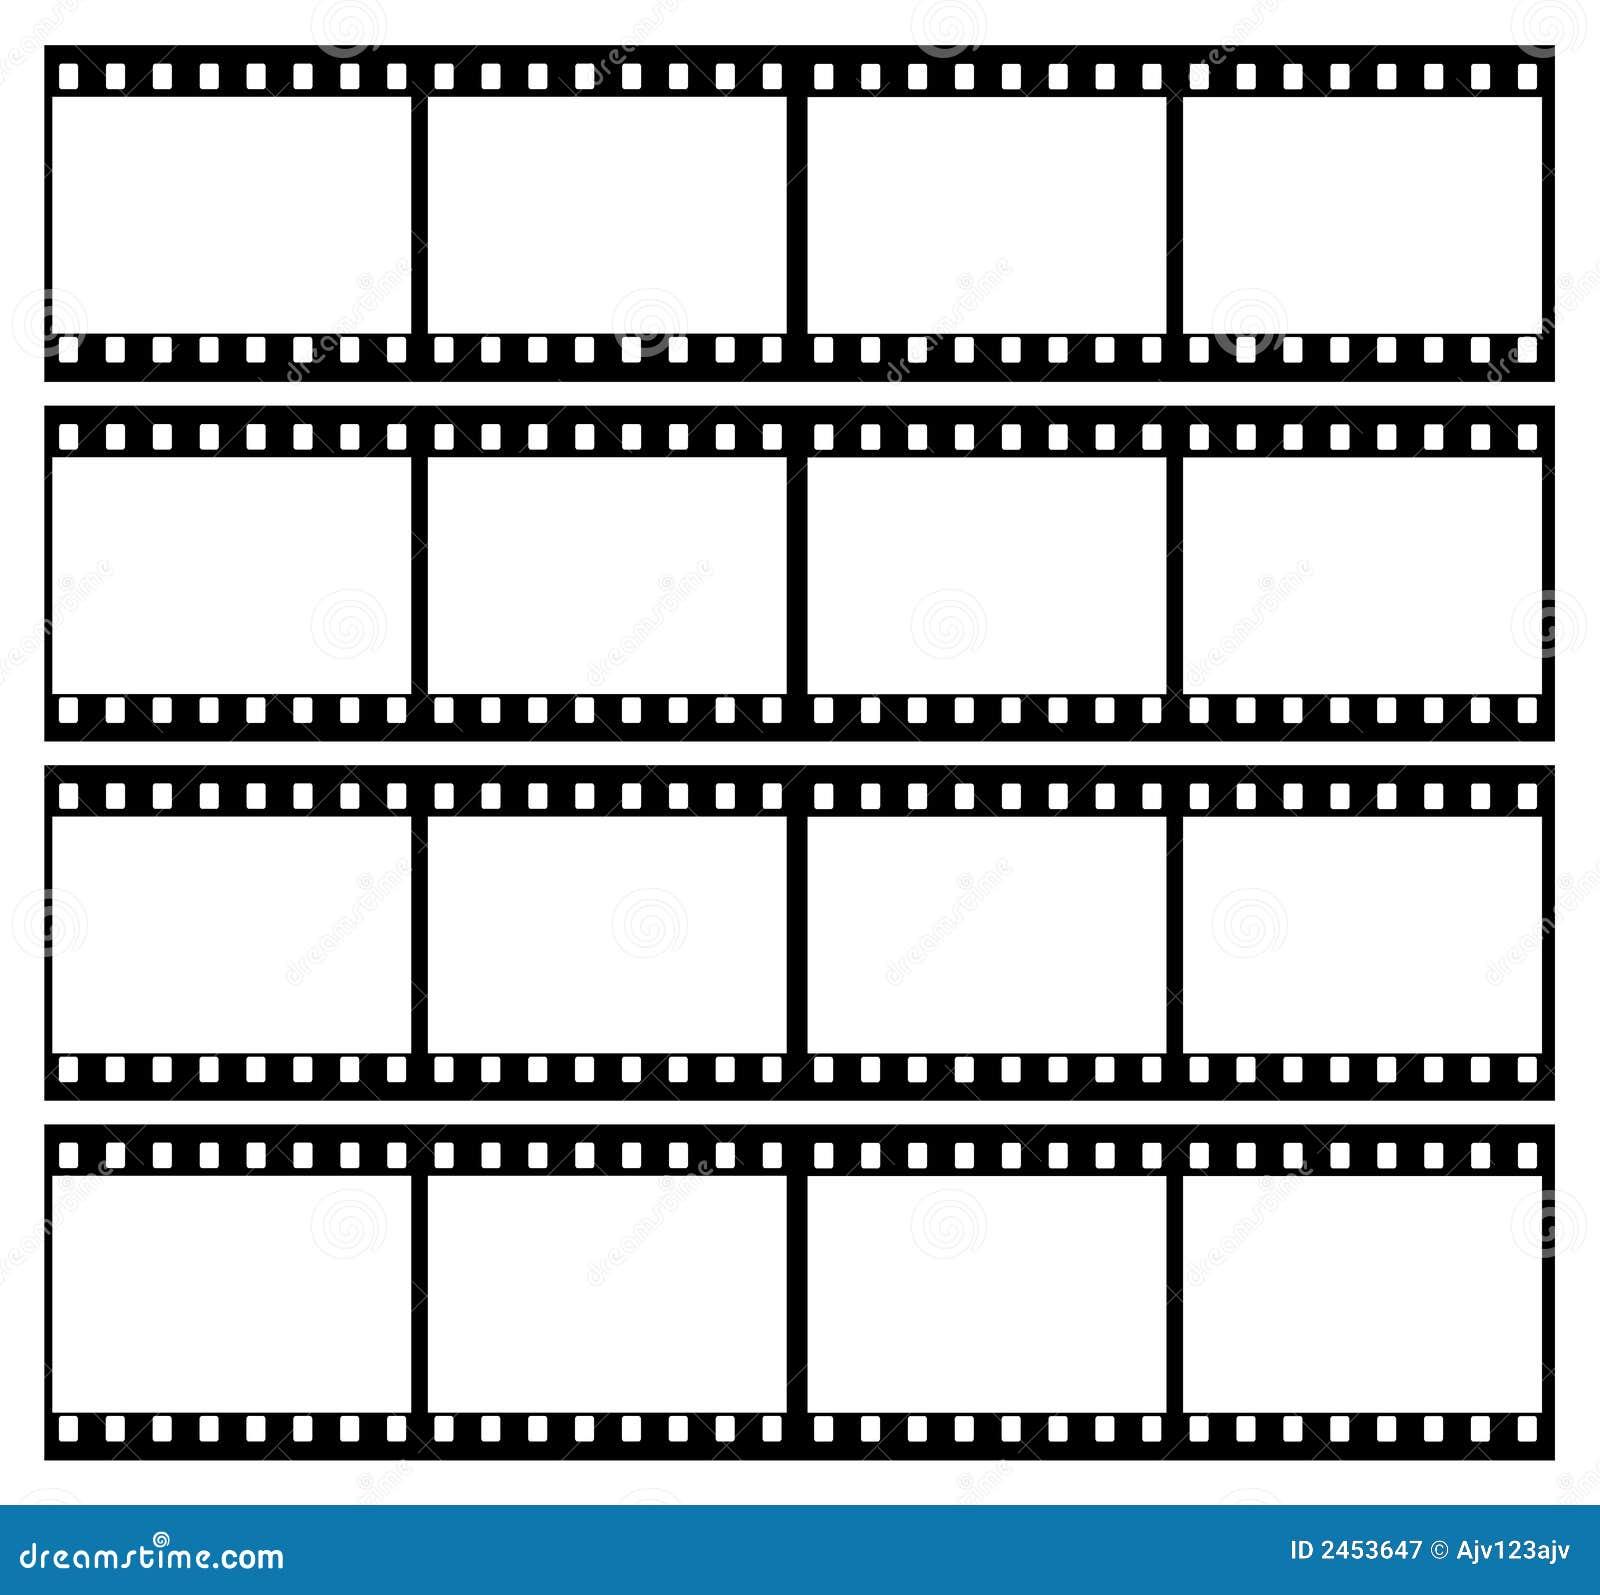 landscape image of 35mm film strip showing 16 black frames which ...